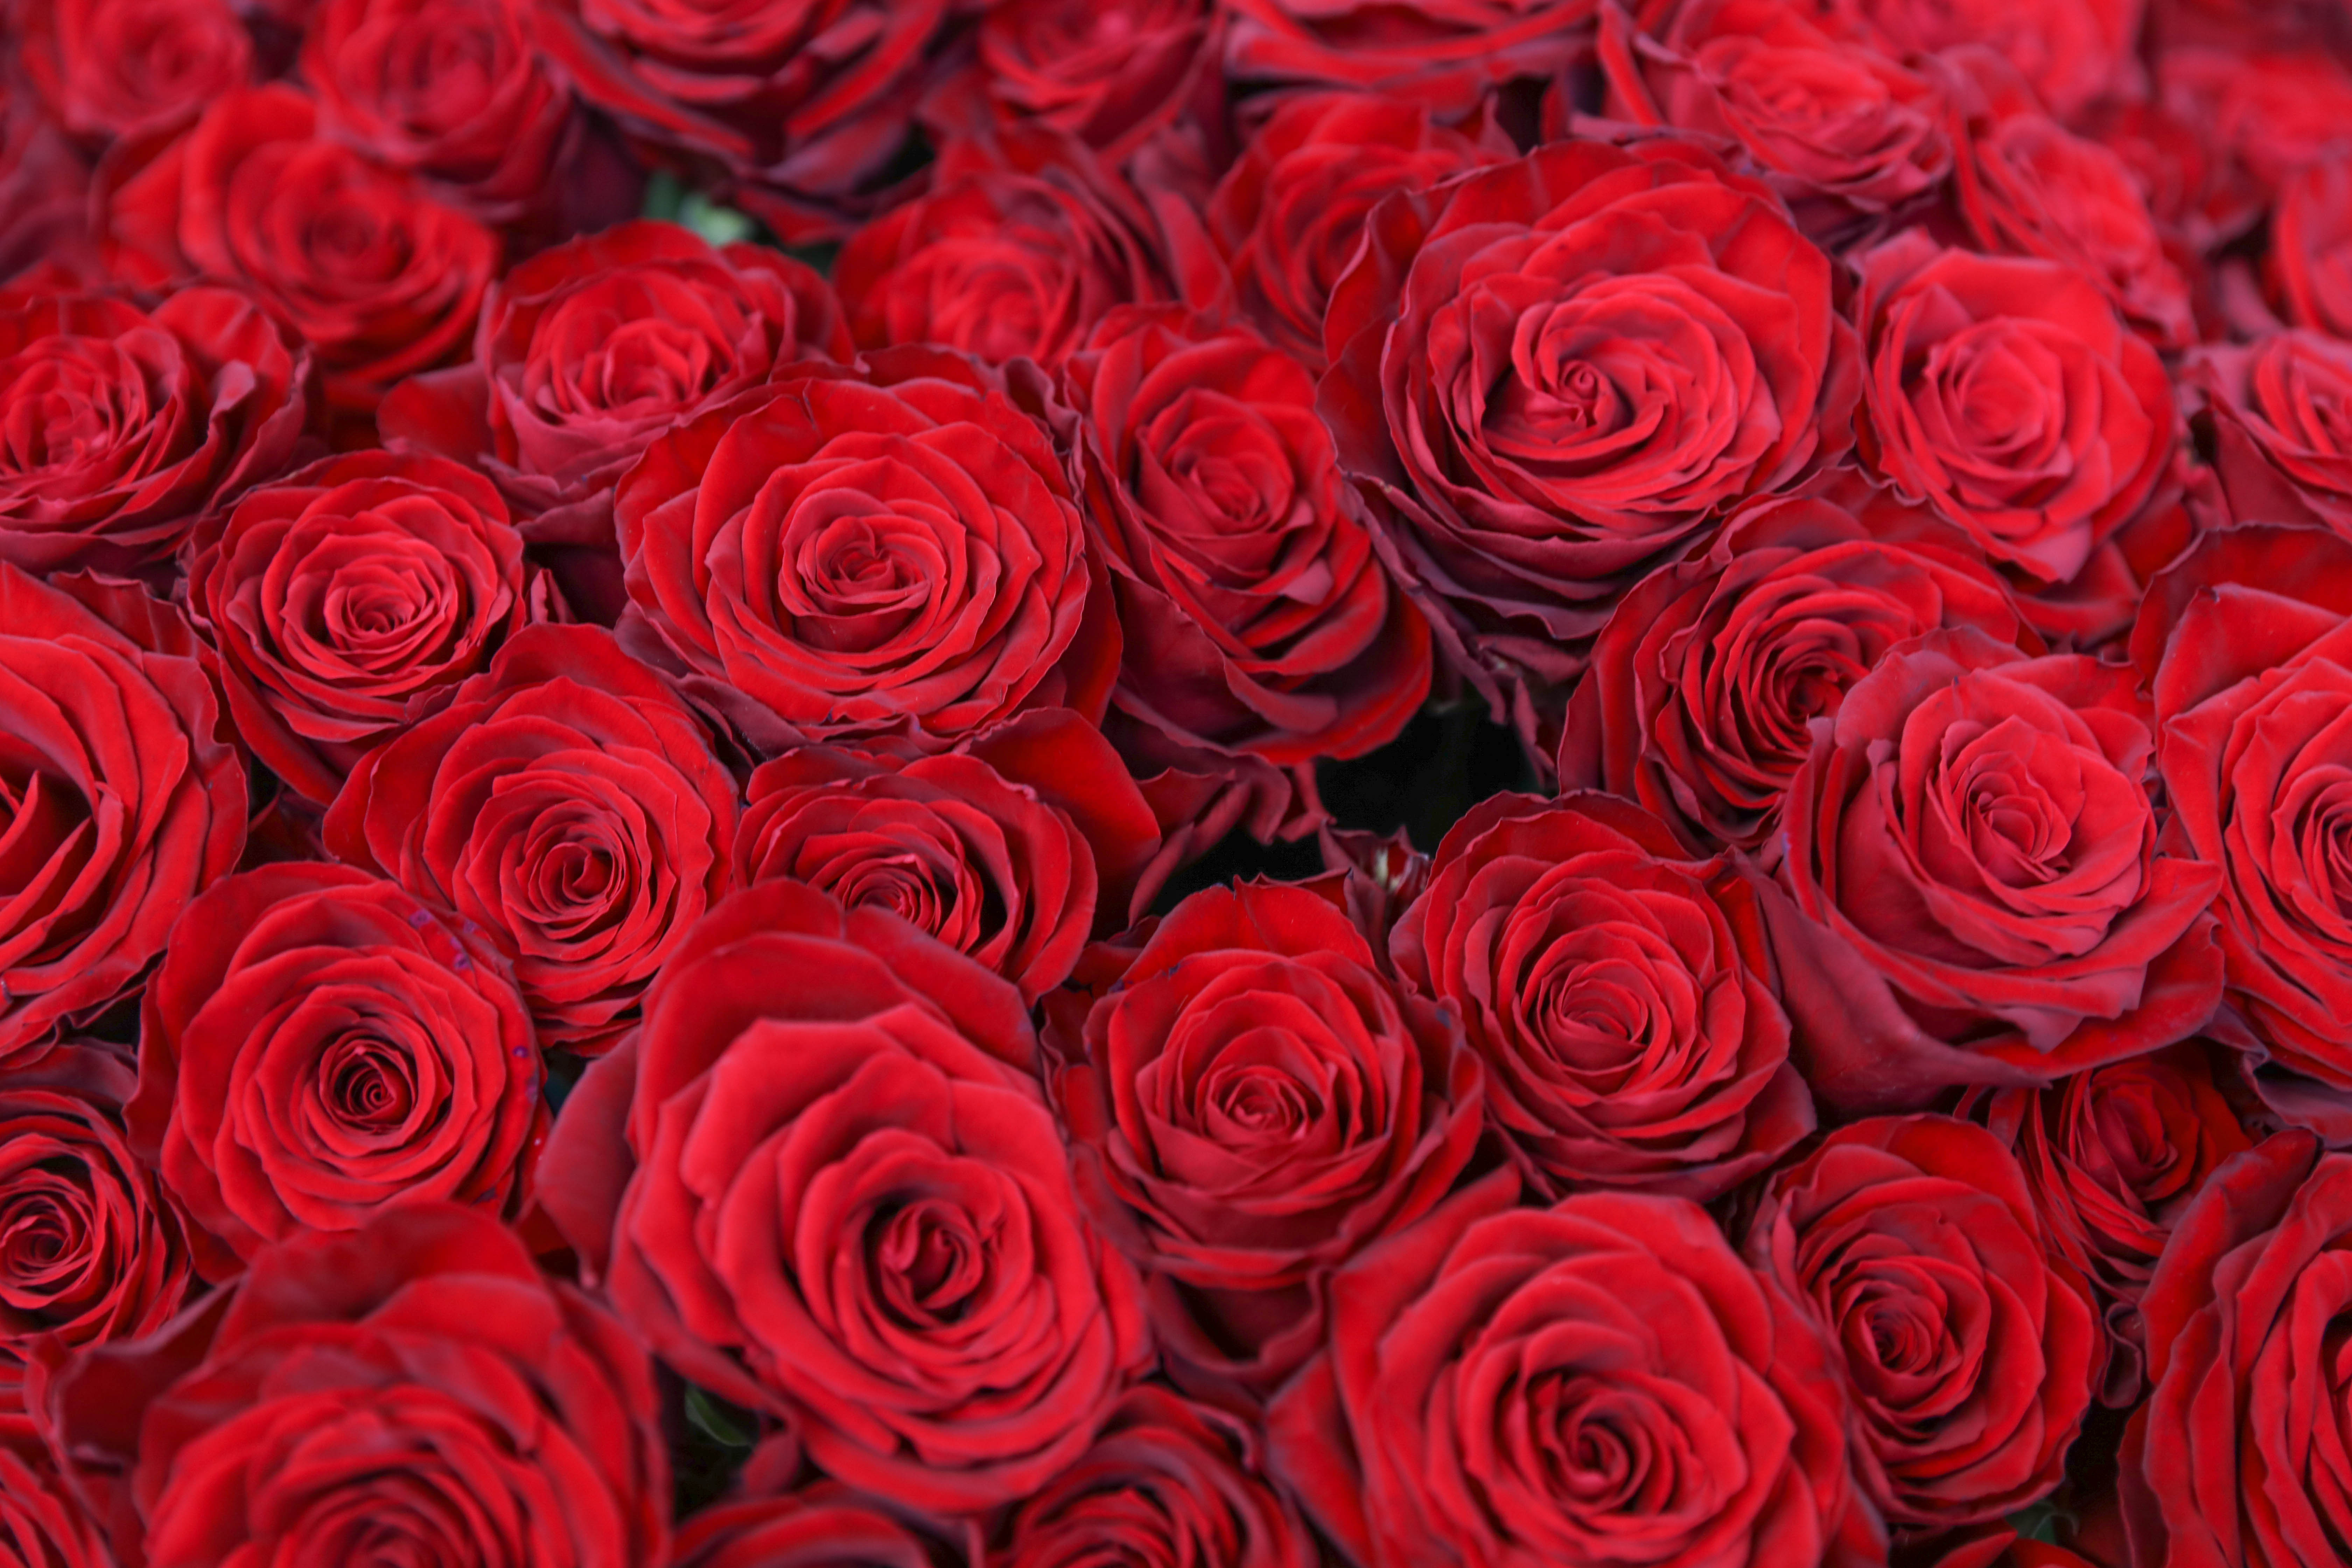 【プロポーズに】バラ100本の花束制作動画 2020.03.27撮影